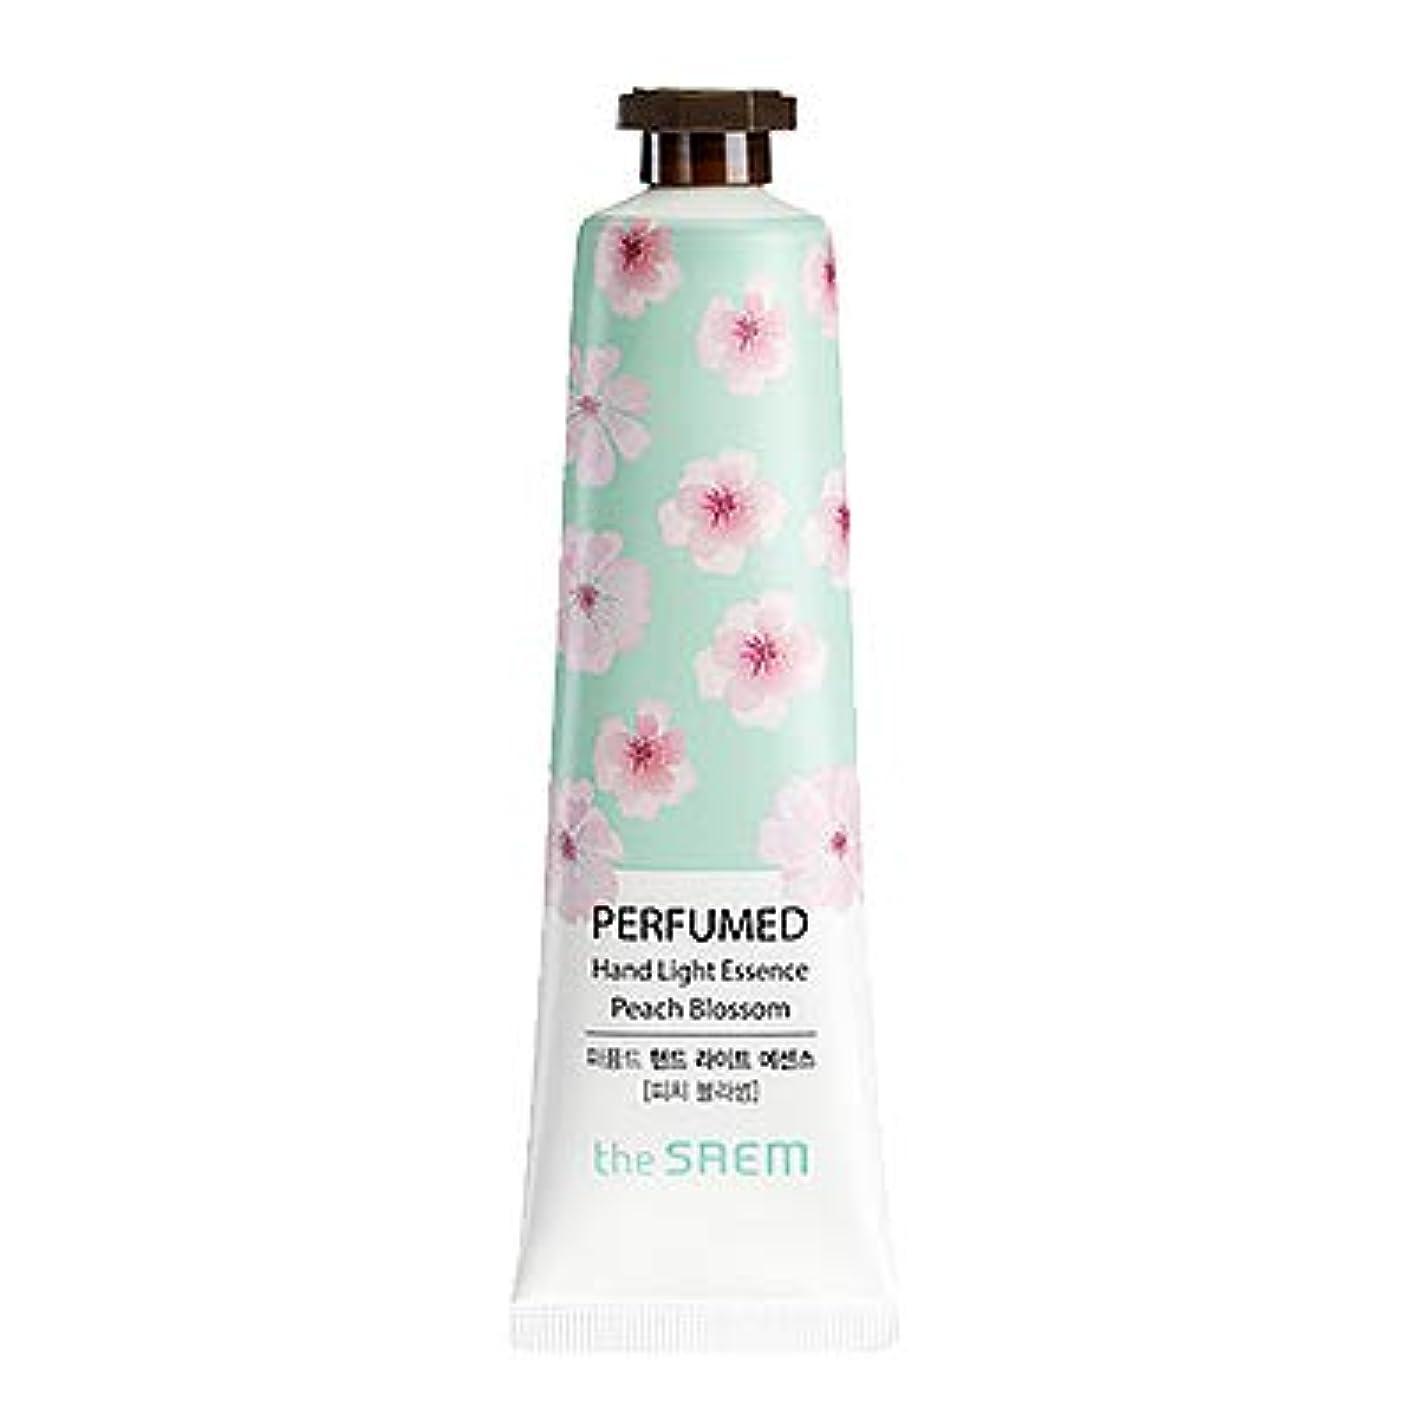 せがむ赤ちゃん作成するtheSAEM ザセム パヒューム ハンド ライト エッセンス ハンドクリーム PERFUMED HAND LIGHT ESSENCE 韓国コスメ (E-Peach Blossom(ピーチブロッサム))